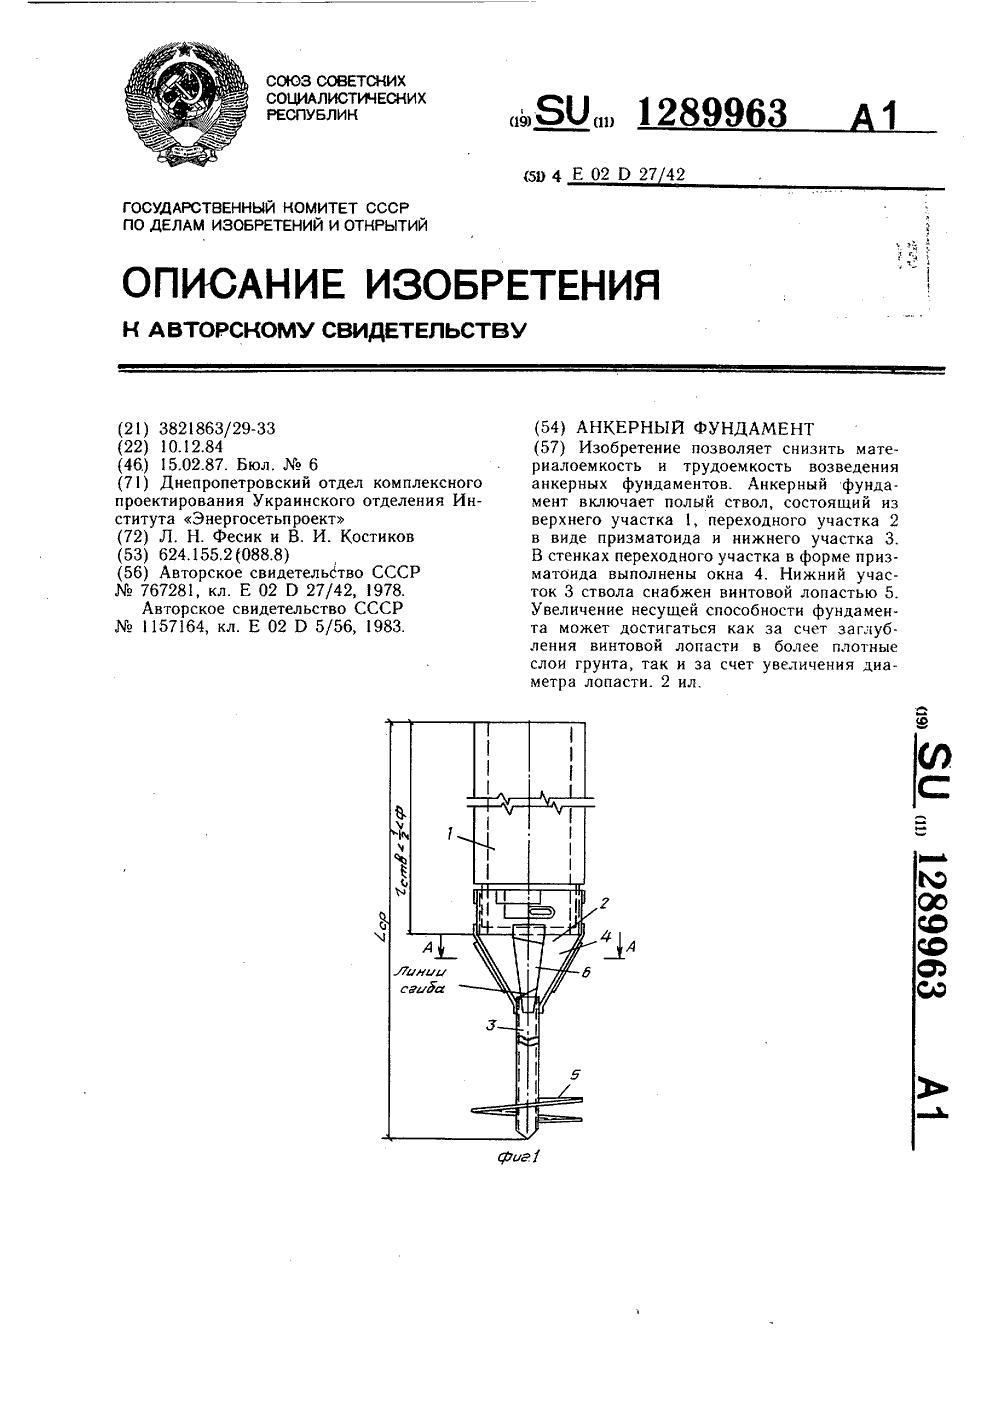 схема фундамента под башенный кран с установкой анкеров